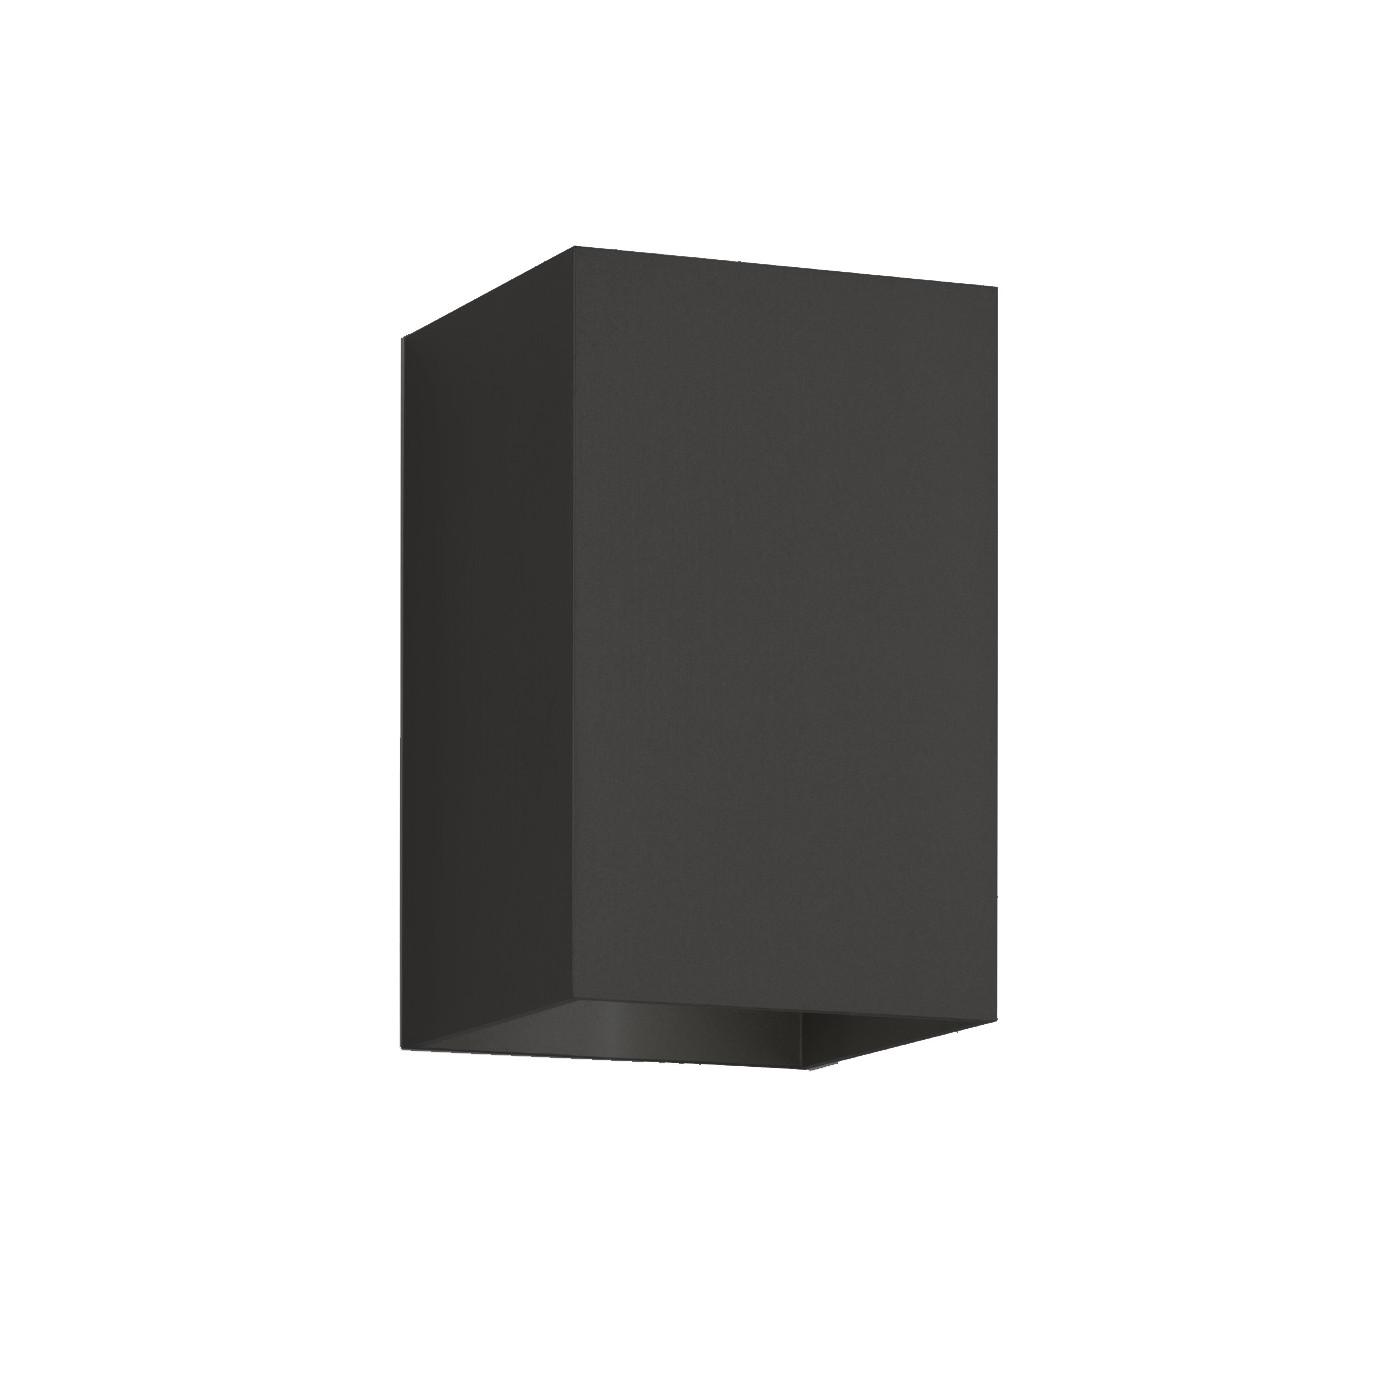 Wever & Ducré Box 3.0 2700K Wall Light